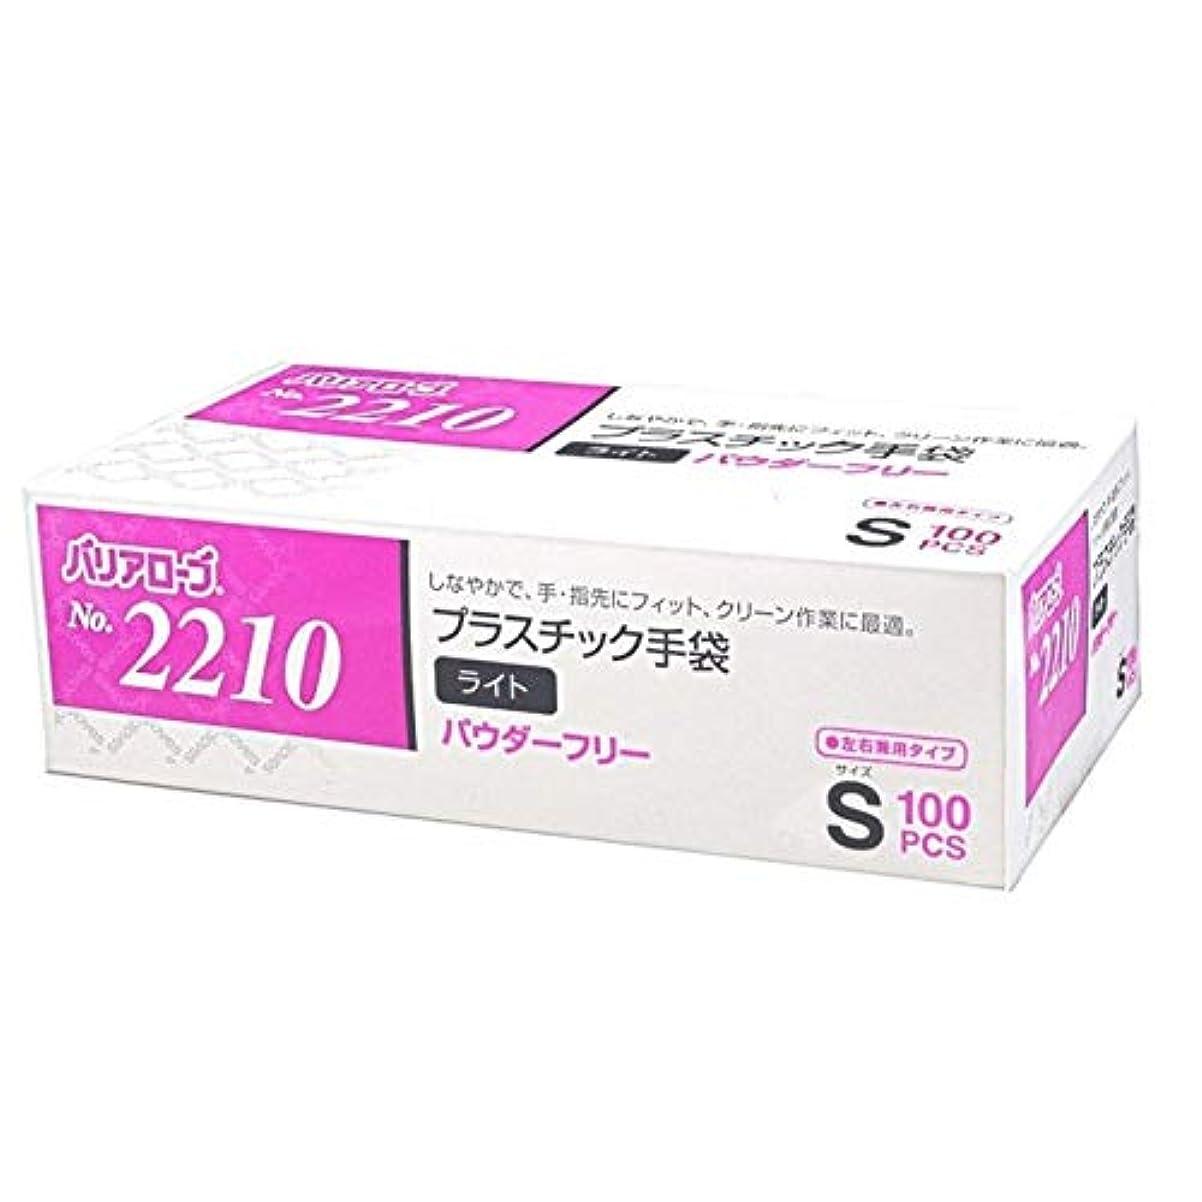 面積因子ケーキ【ケース販売】 バリアローブ №2210 プラスチック手袋 ライト (パウダーフリー) S 2000枚(100枚×20箱)